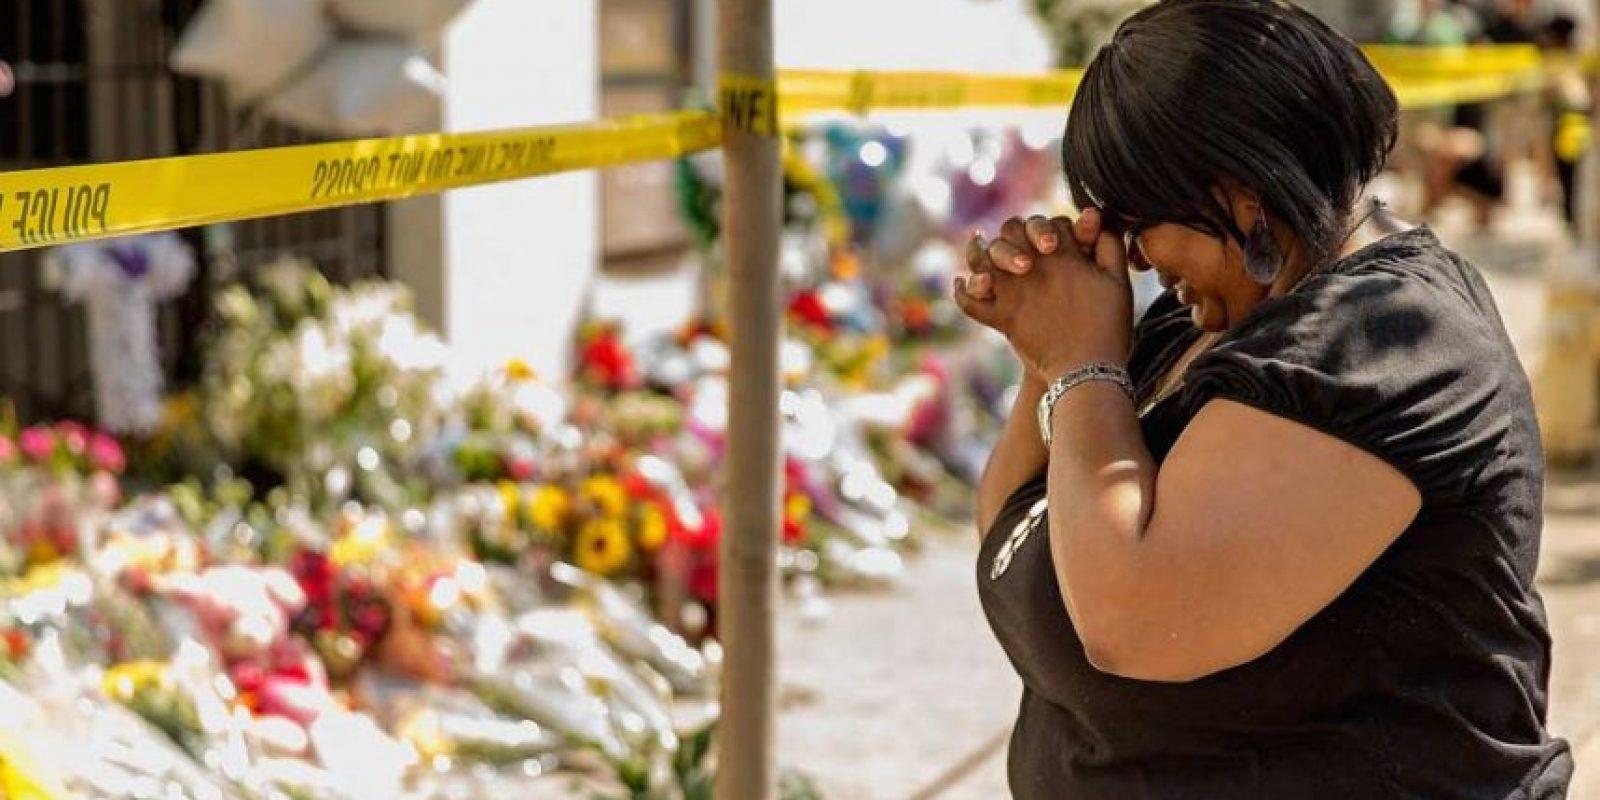 En junio de 2015, una iglesia de Charleston, Carolina del Sur, frecuentada por la comunidad afroamericana, fue atacada. El saldo fue de nueve personas muertas. Foto:Getty Images